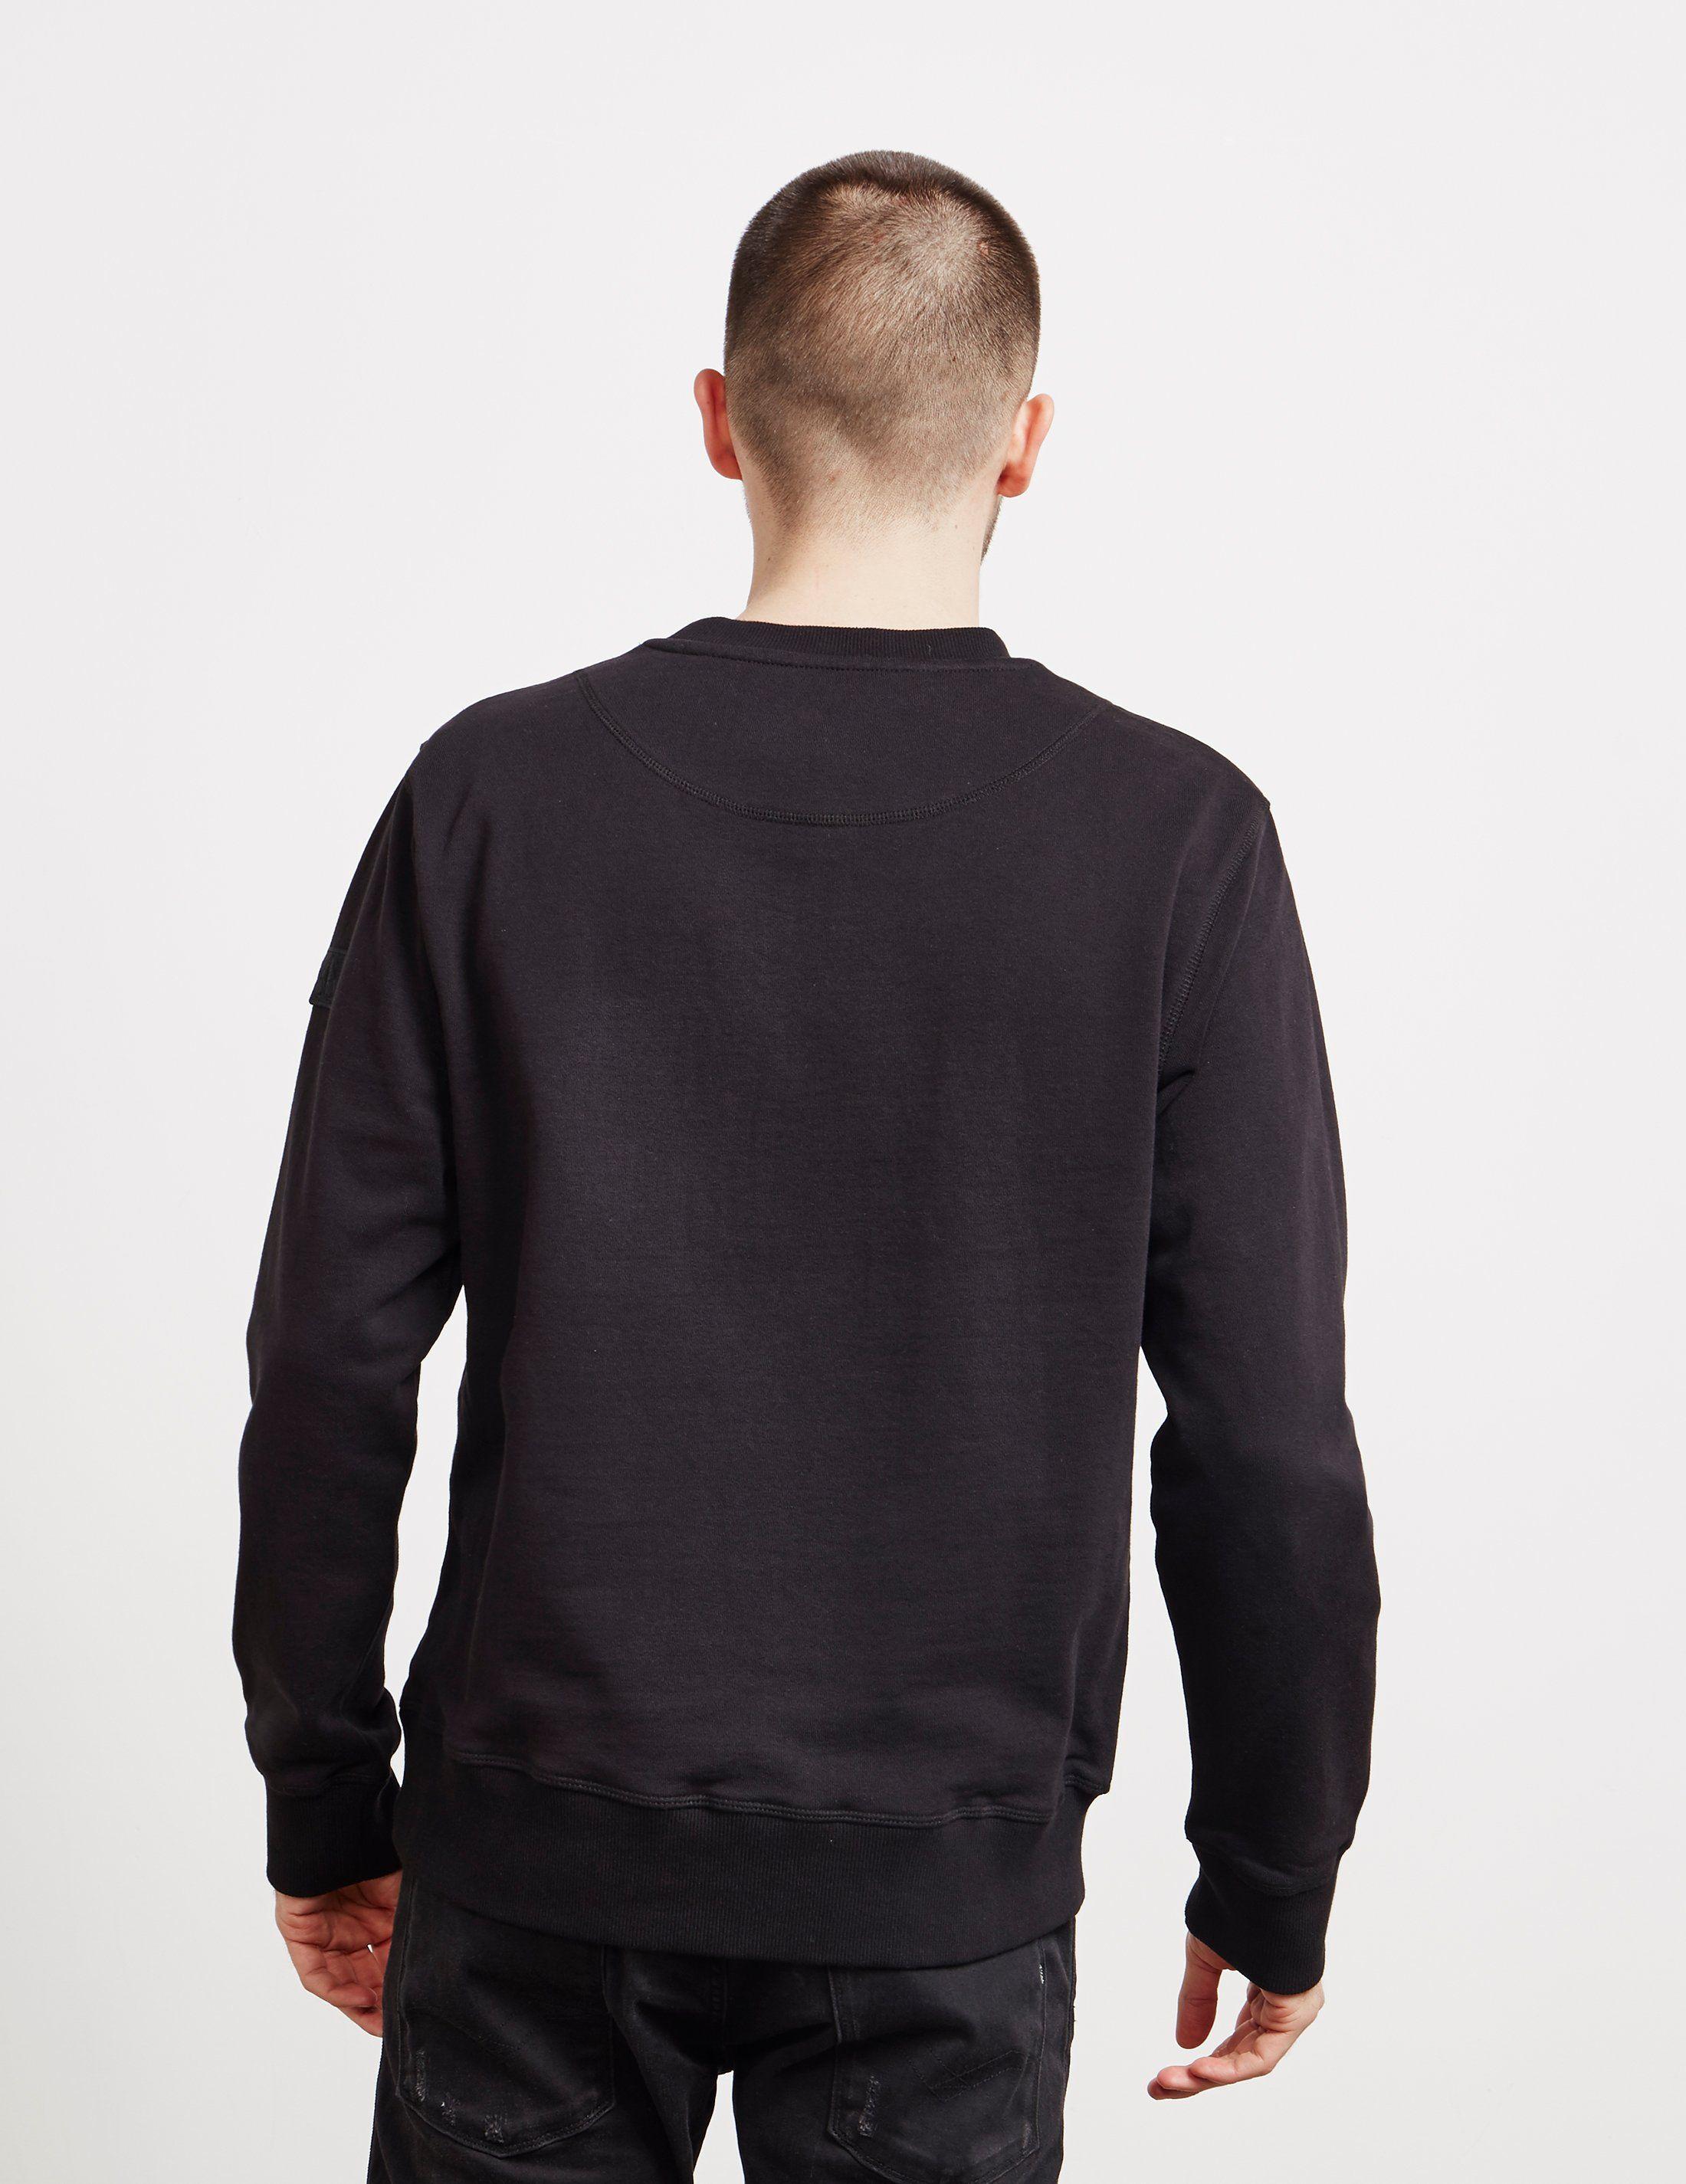 Moose Knuckles Munster Sweatshirt